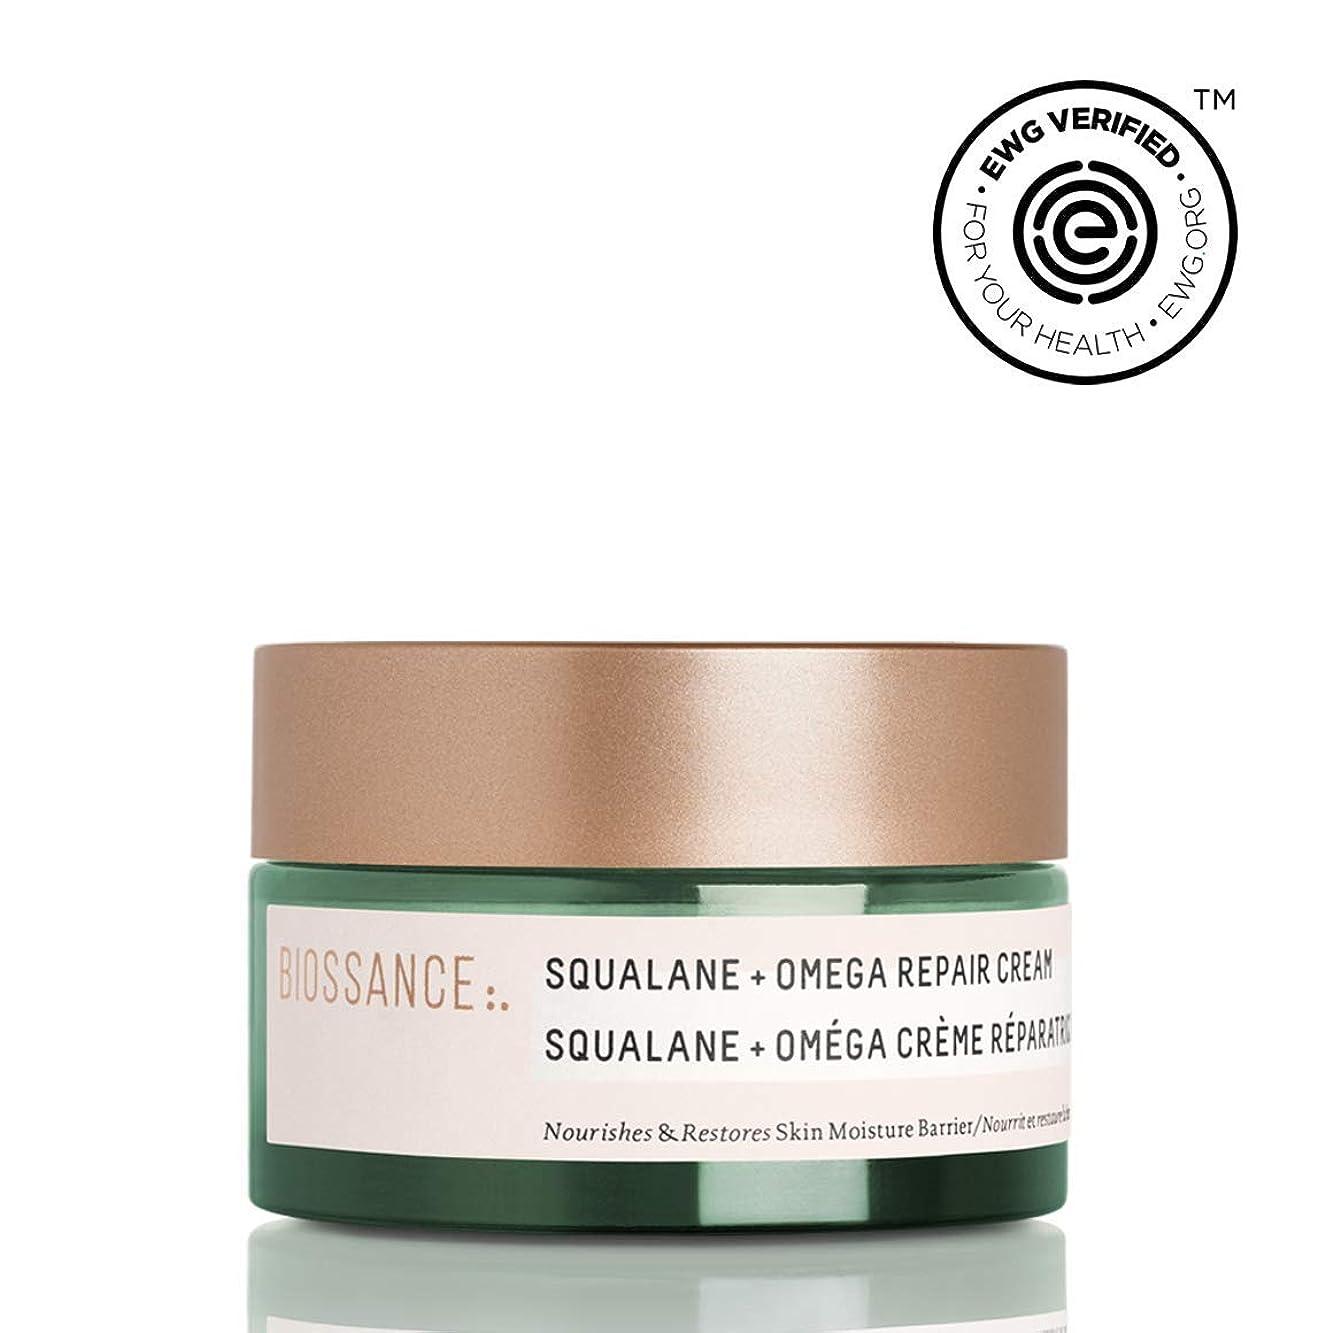 商業の磁石太鼓腹Biossance Squalane + Omega Repair Cream 50ml ビオッサンス ?スクワラン?オメガ?レペア?クリーム